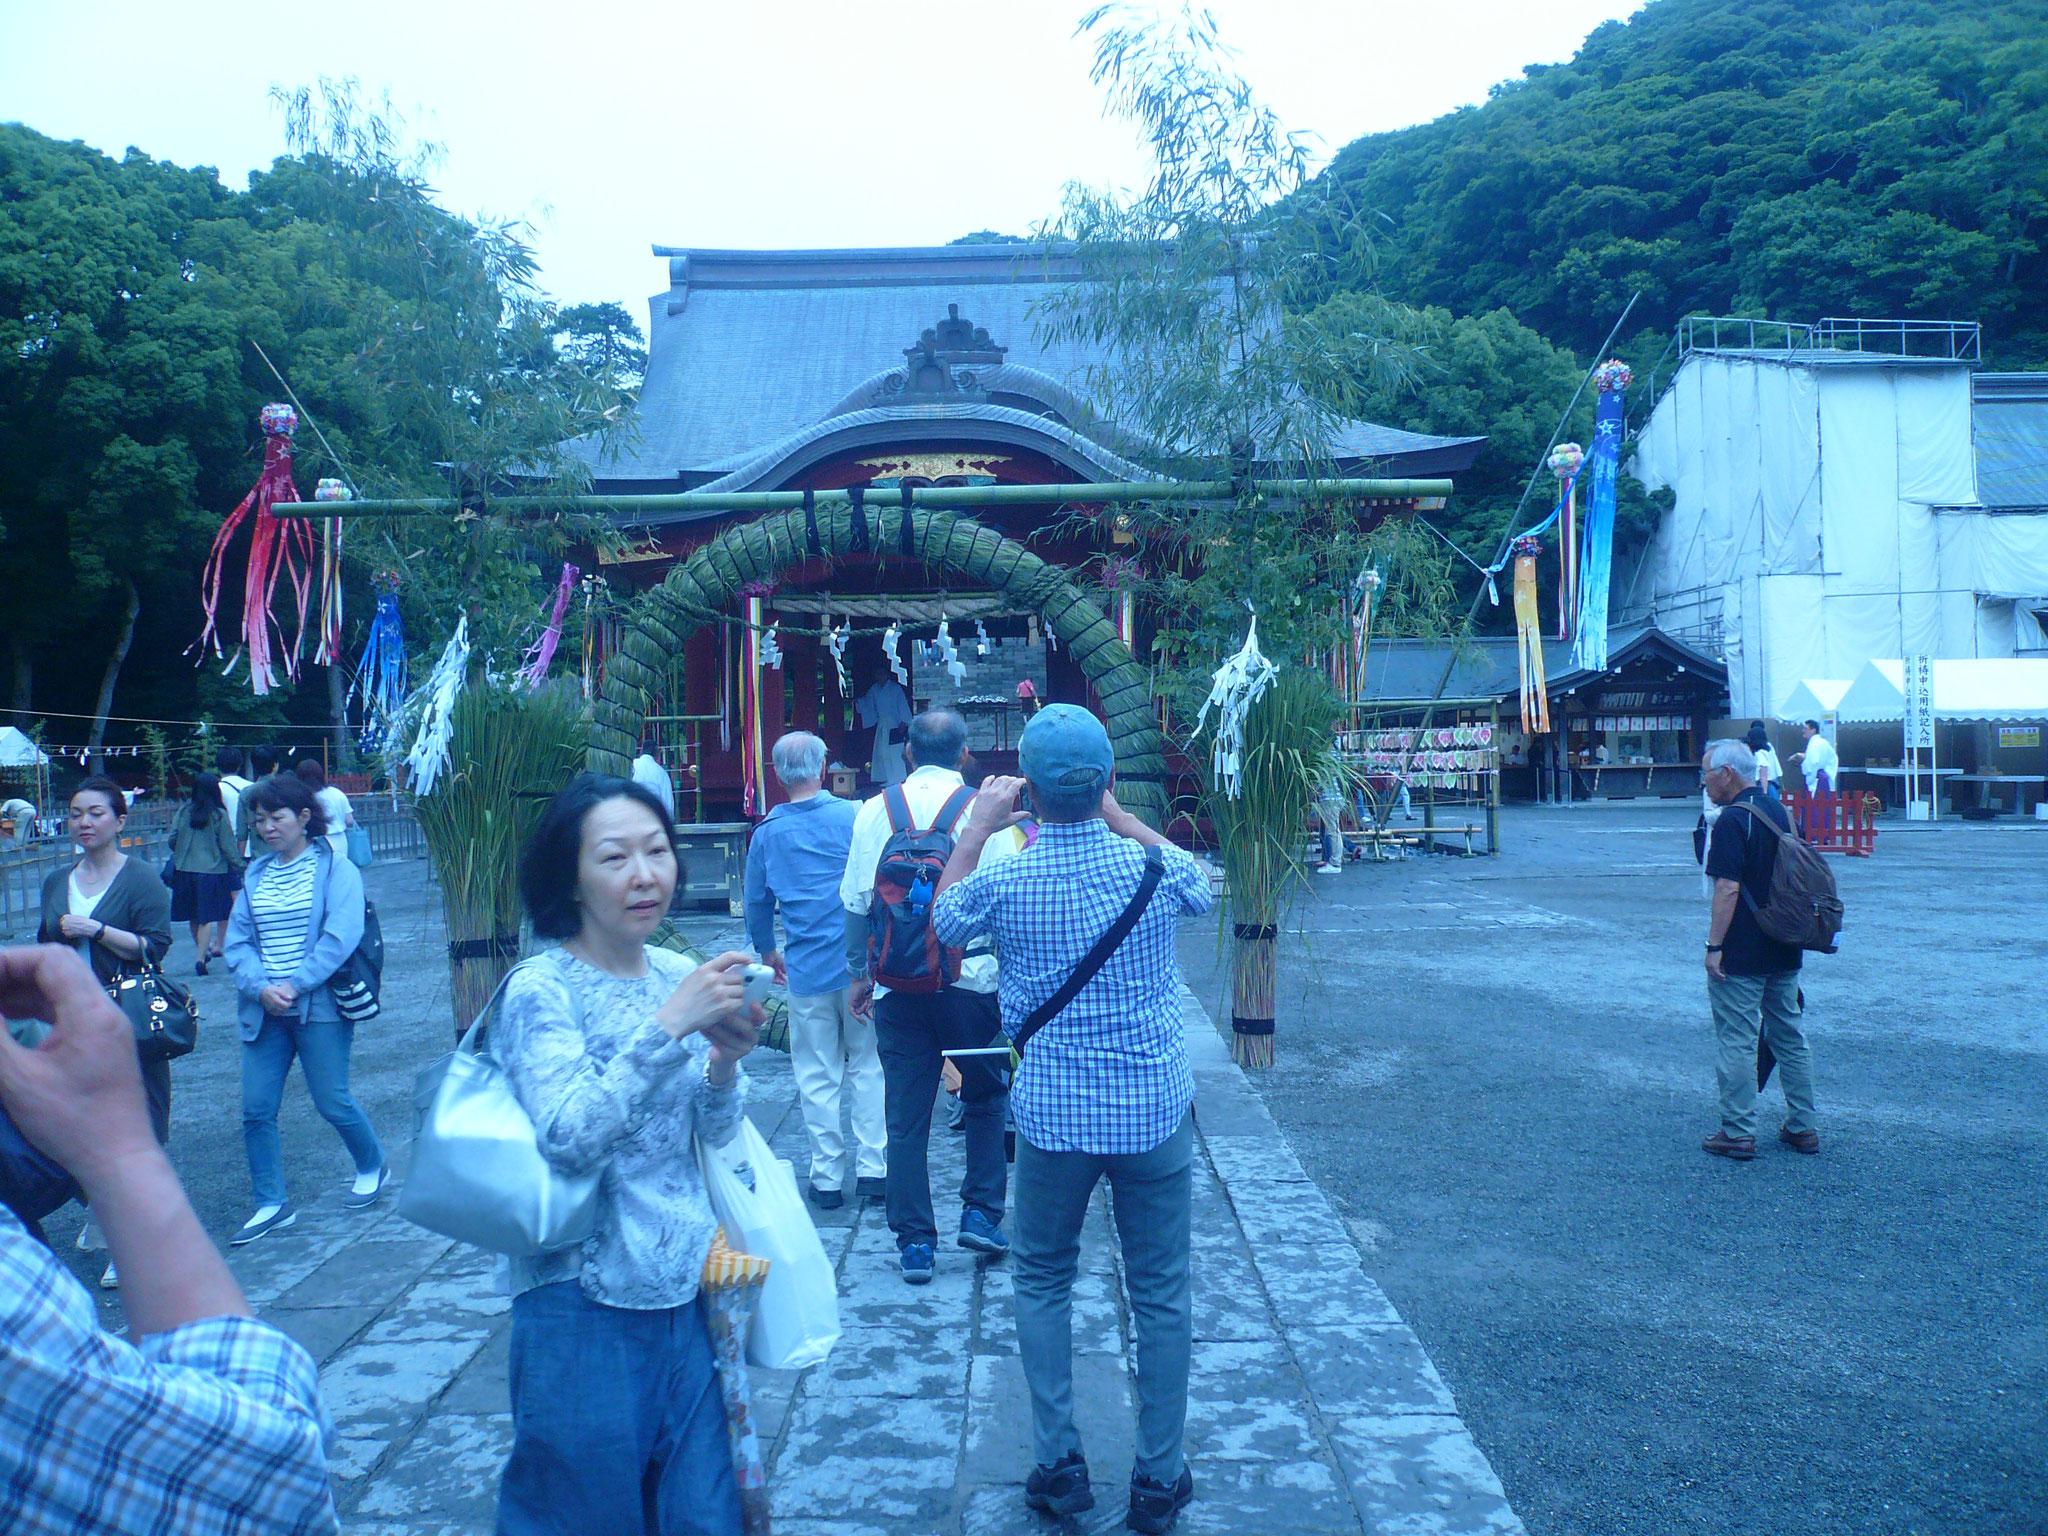 鶴岡八幡宮6月30日と12月31日年2回の大祓い式と聞き急きょ八幡宮へ